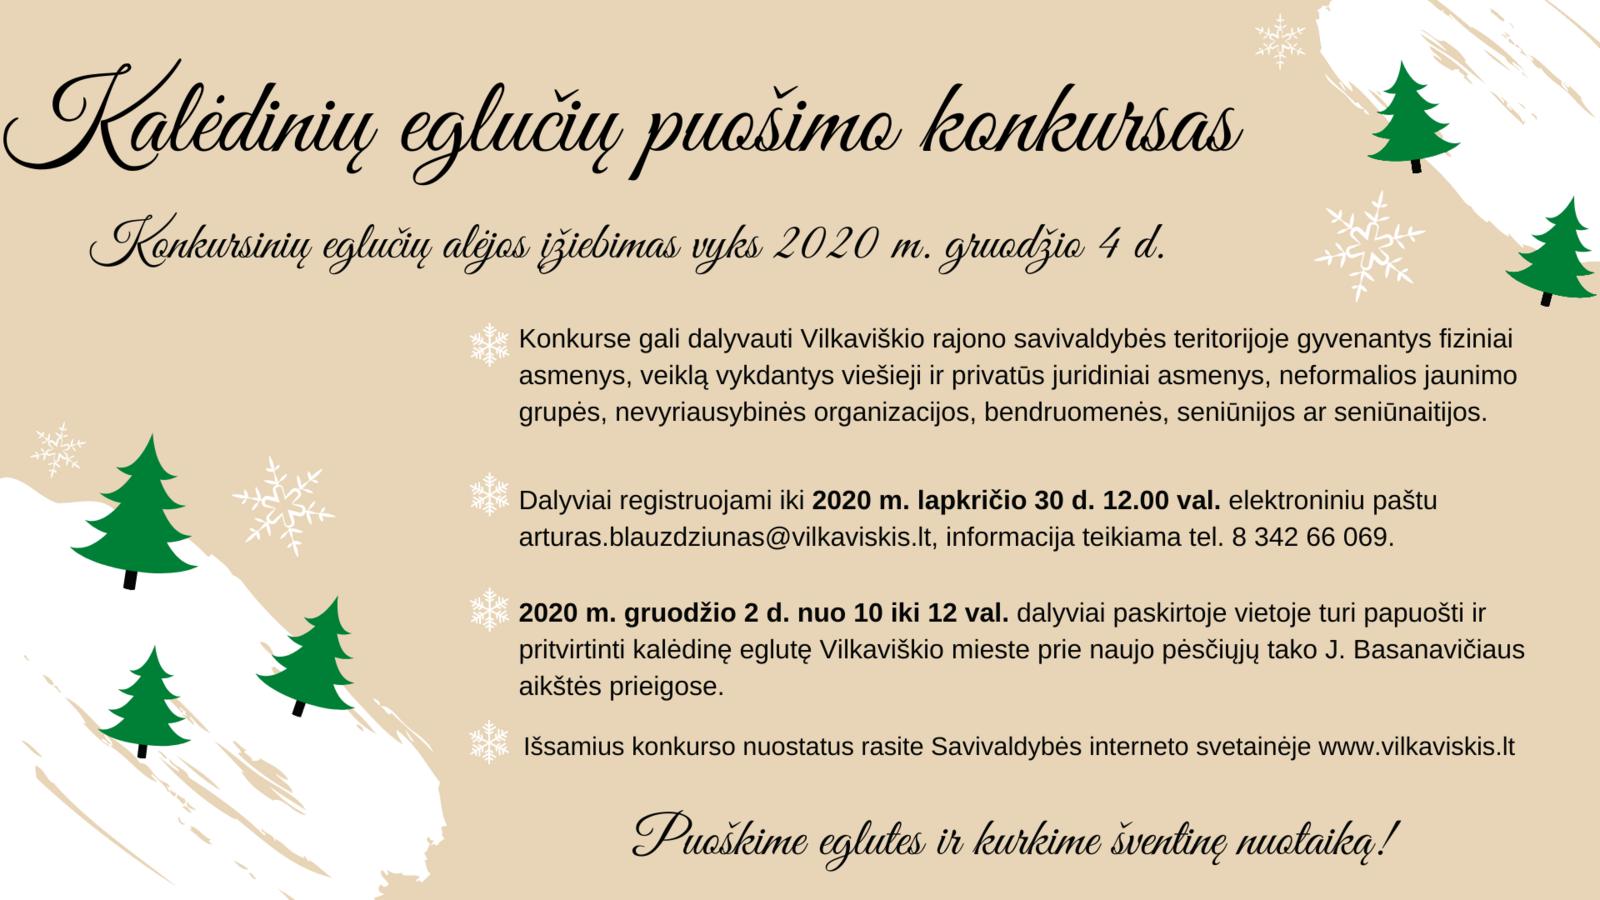 Vilkaviškio rajono savivaldybė kviečia dalyvauti kalėdinės eglės papuošimo konkurse